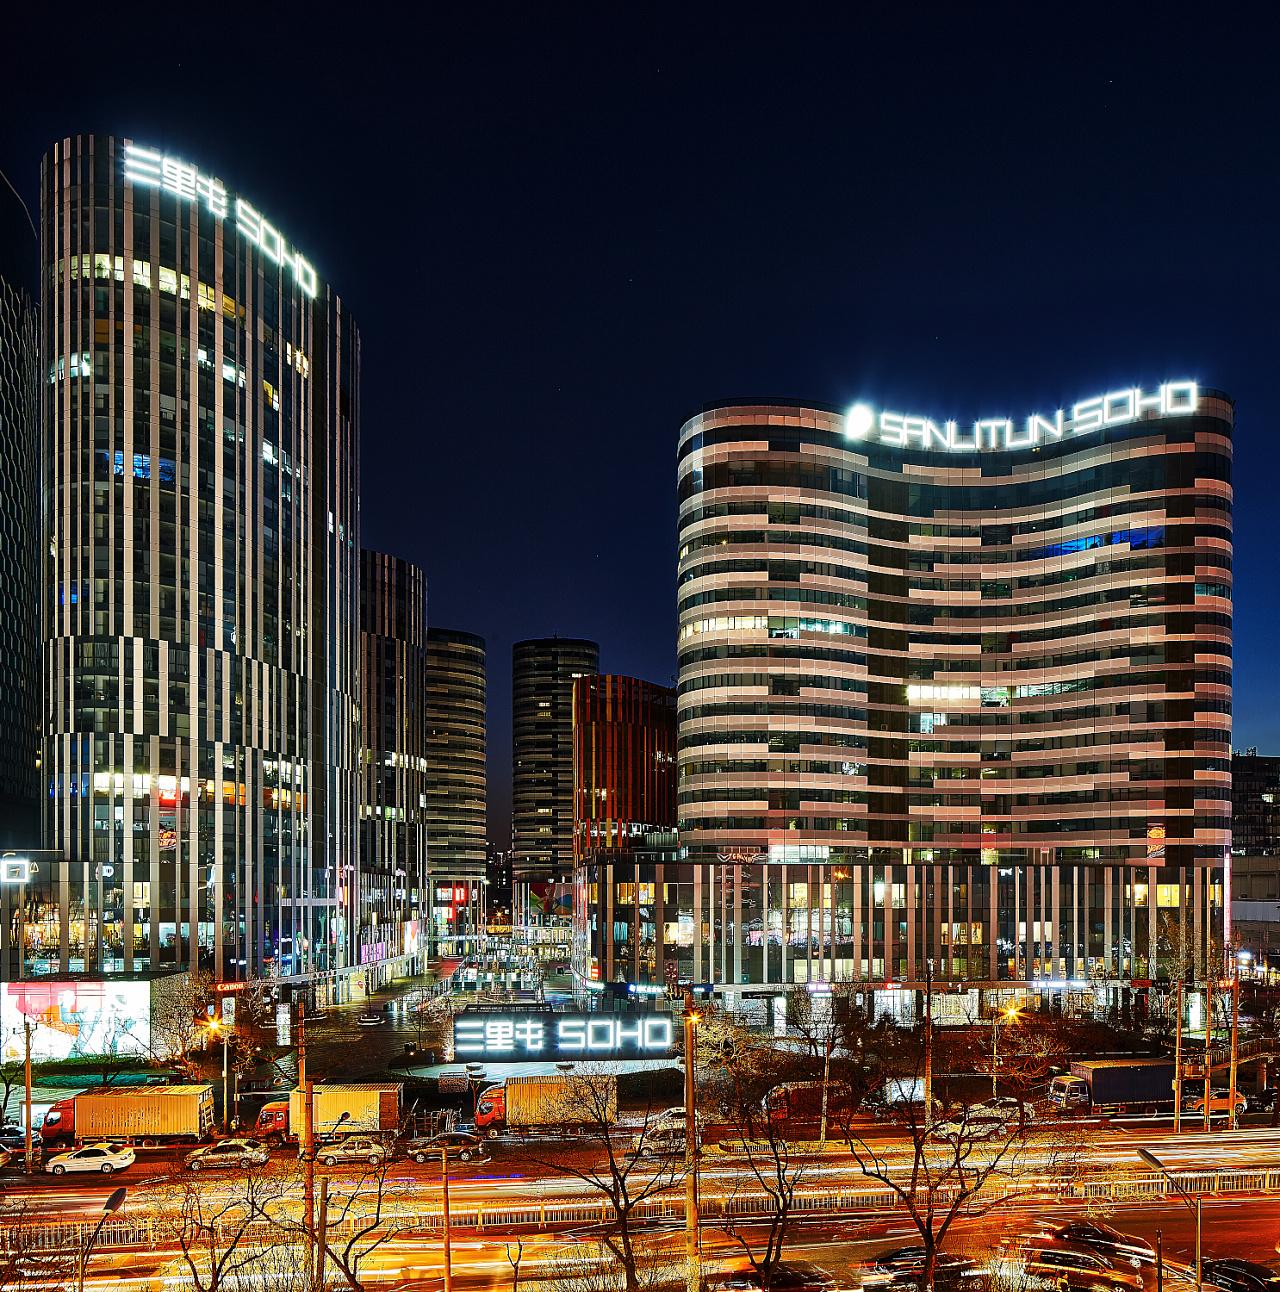 北京三里屯soho商场_三里屯SOHO建筑群|摄影|环境/建筑|VictorYang - 原创作品 - 站酷 (ZCOOL)